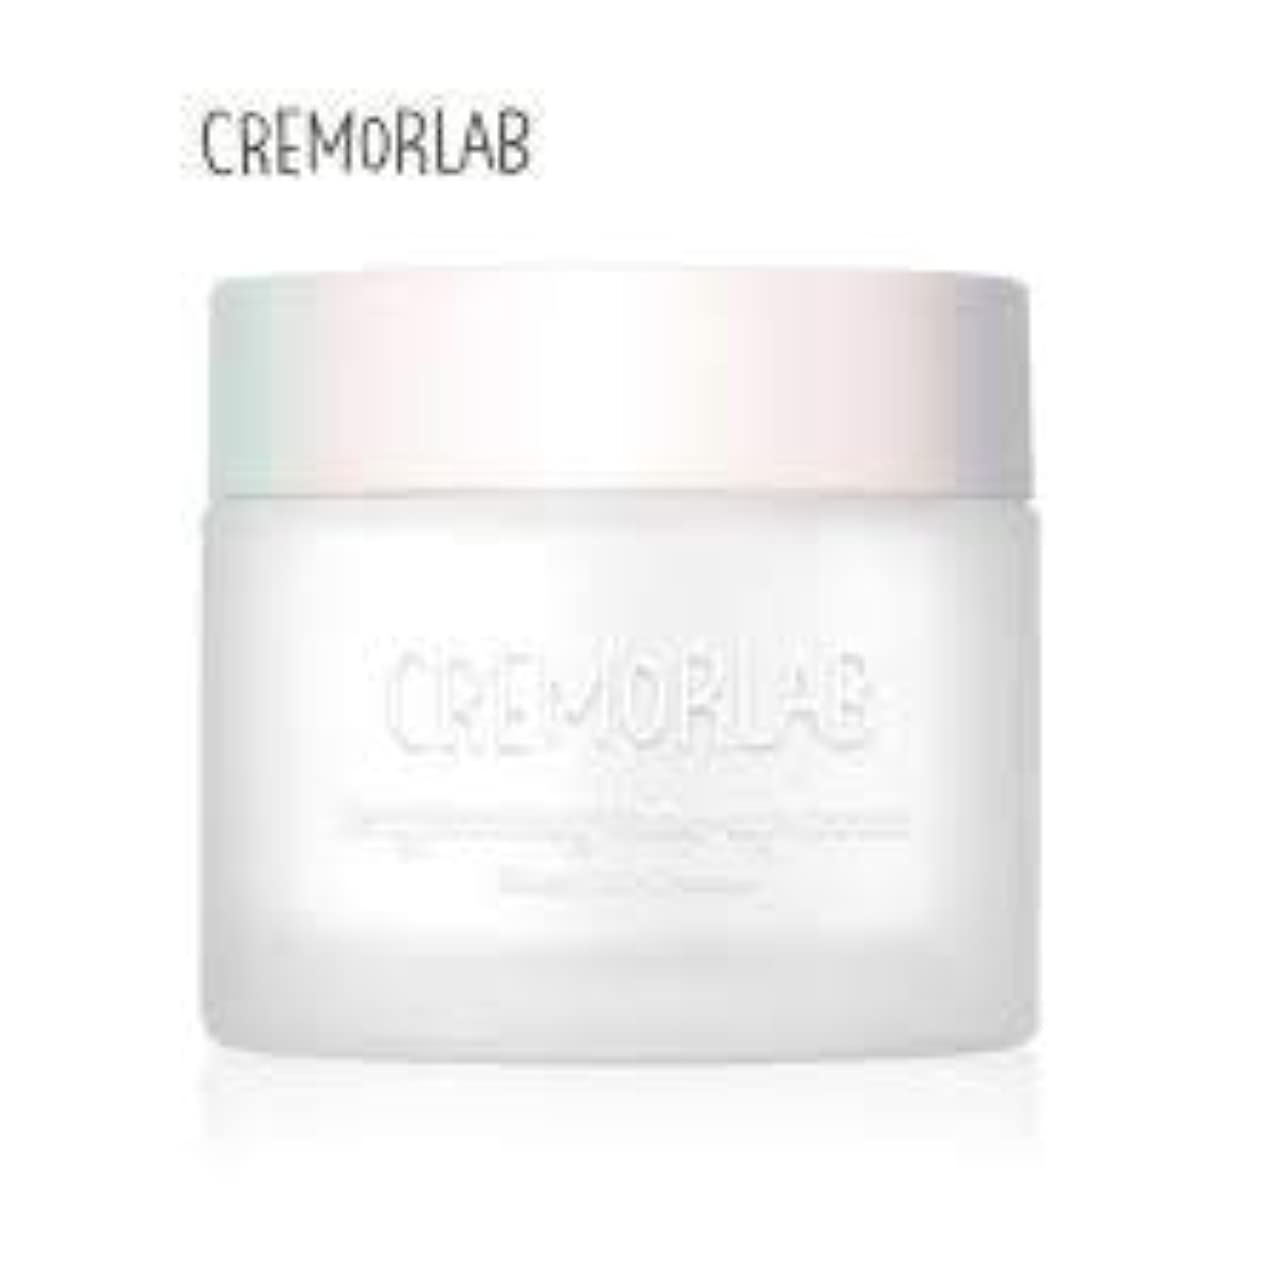 強化するテーブルを設定する賃金CREMORLAB ブランドクレマーブライトニングクリーム50ml - 肌のトーンを洗練させ、透明度を高め、肌の色を明るくします。